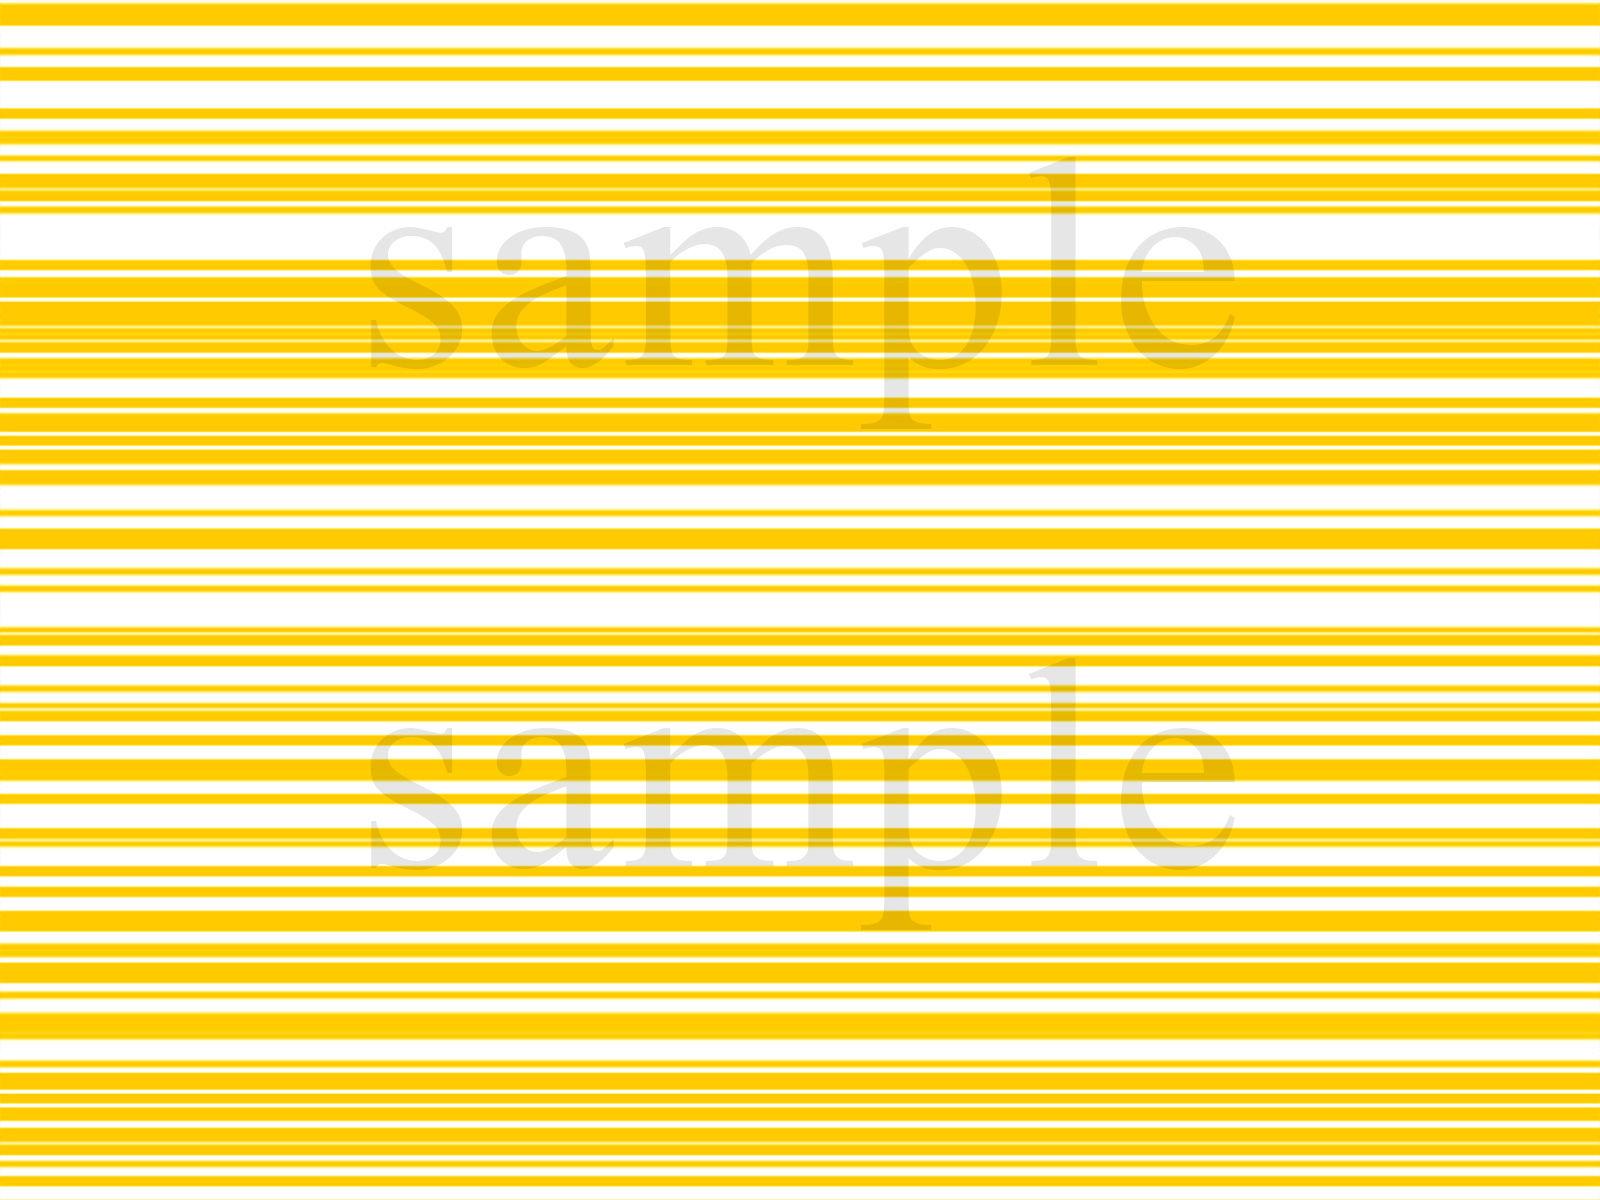 サンプル画像2:著作権フリー画像素材「スピード線背景 Vol.2」(ティービースター) [d_190380]